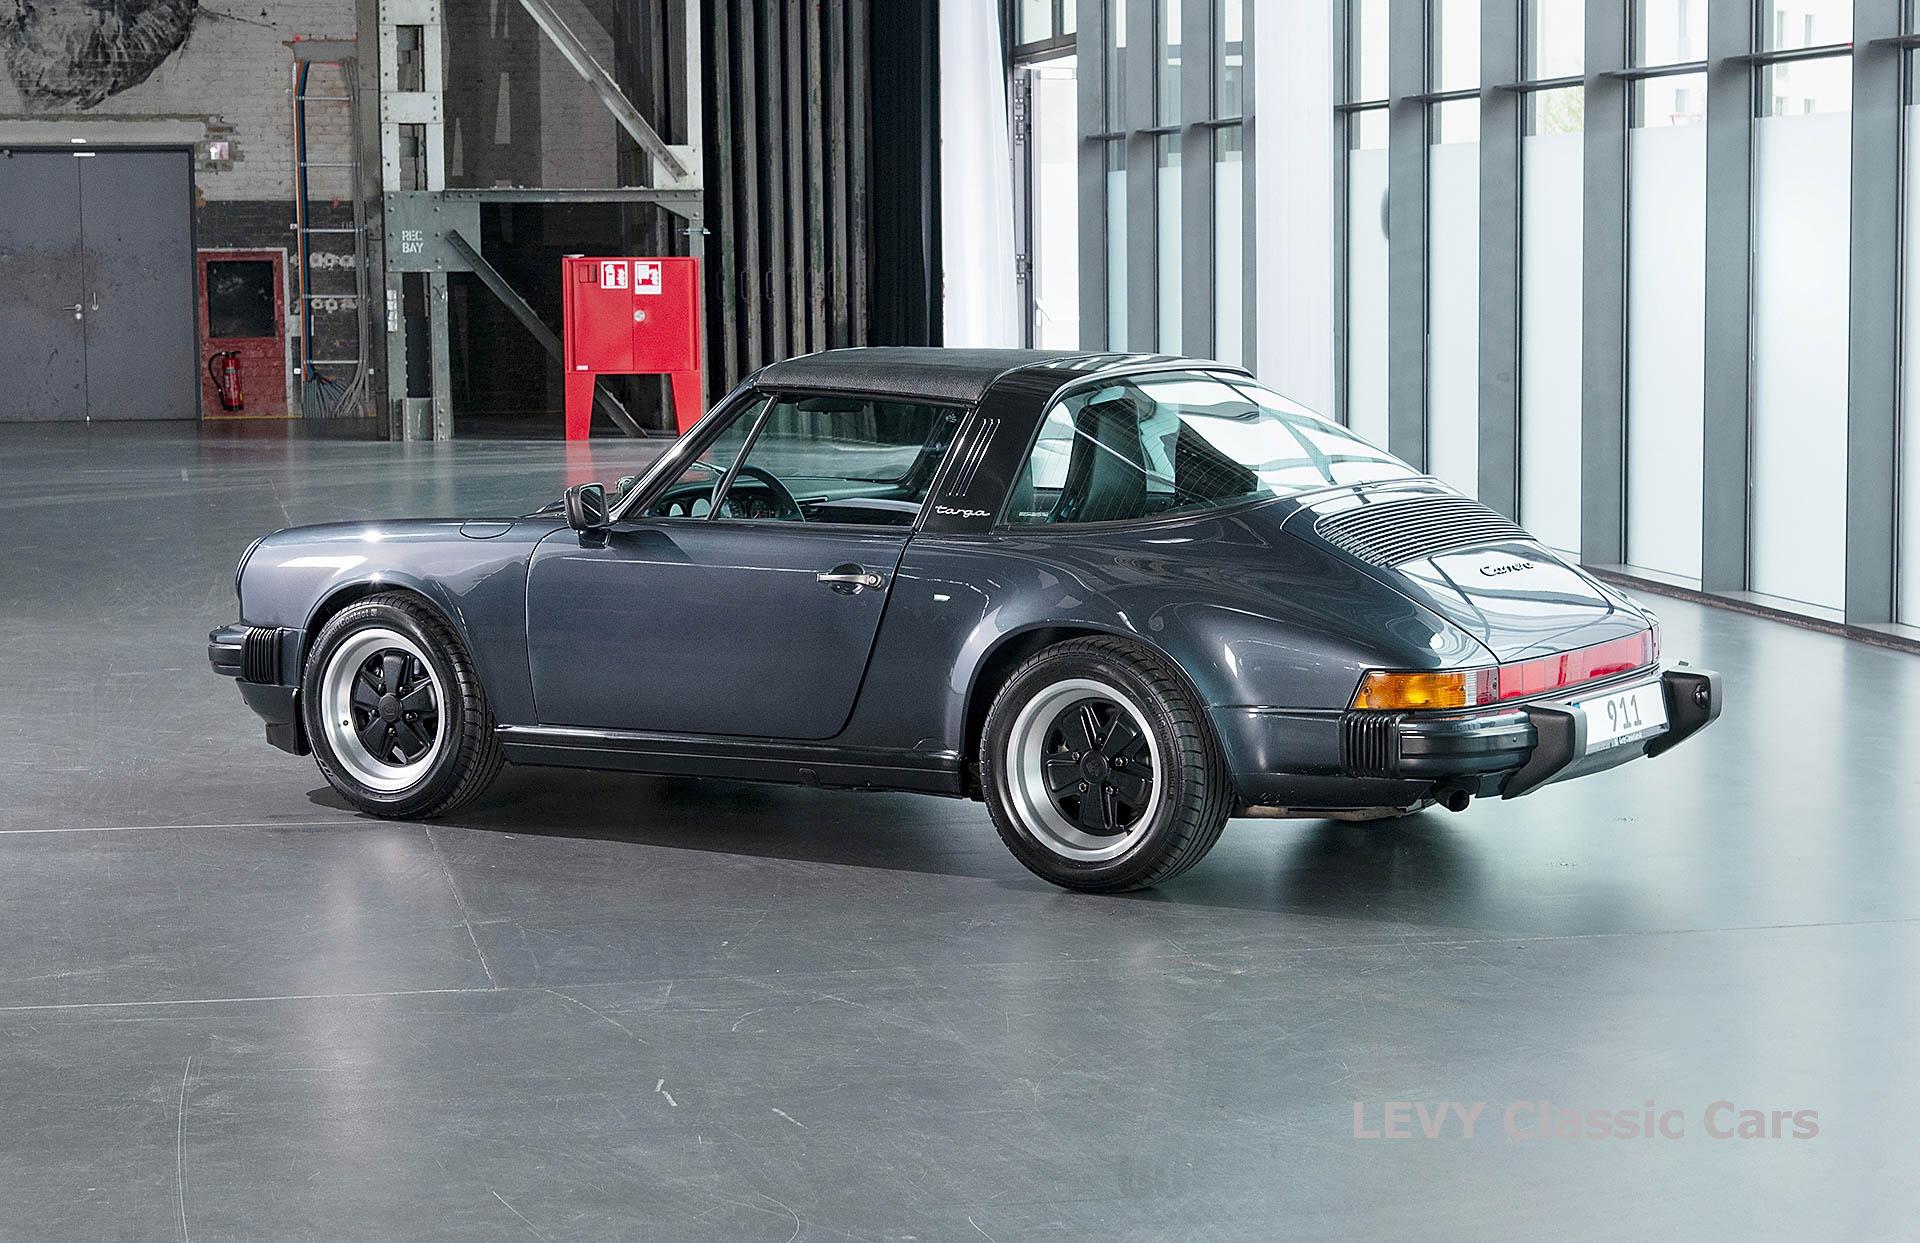 Porsche 911 Targa blau 61547 69